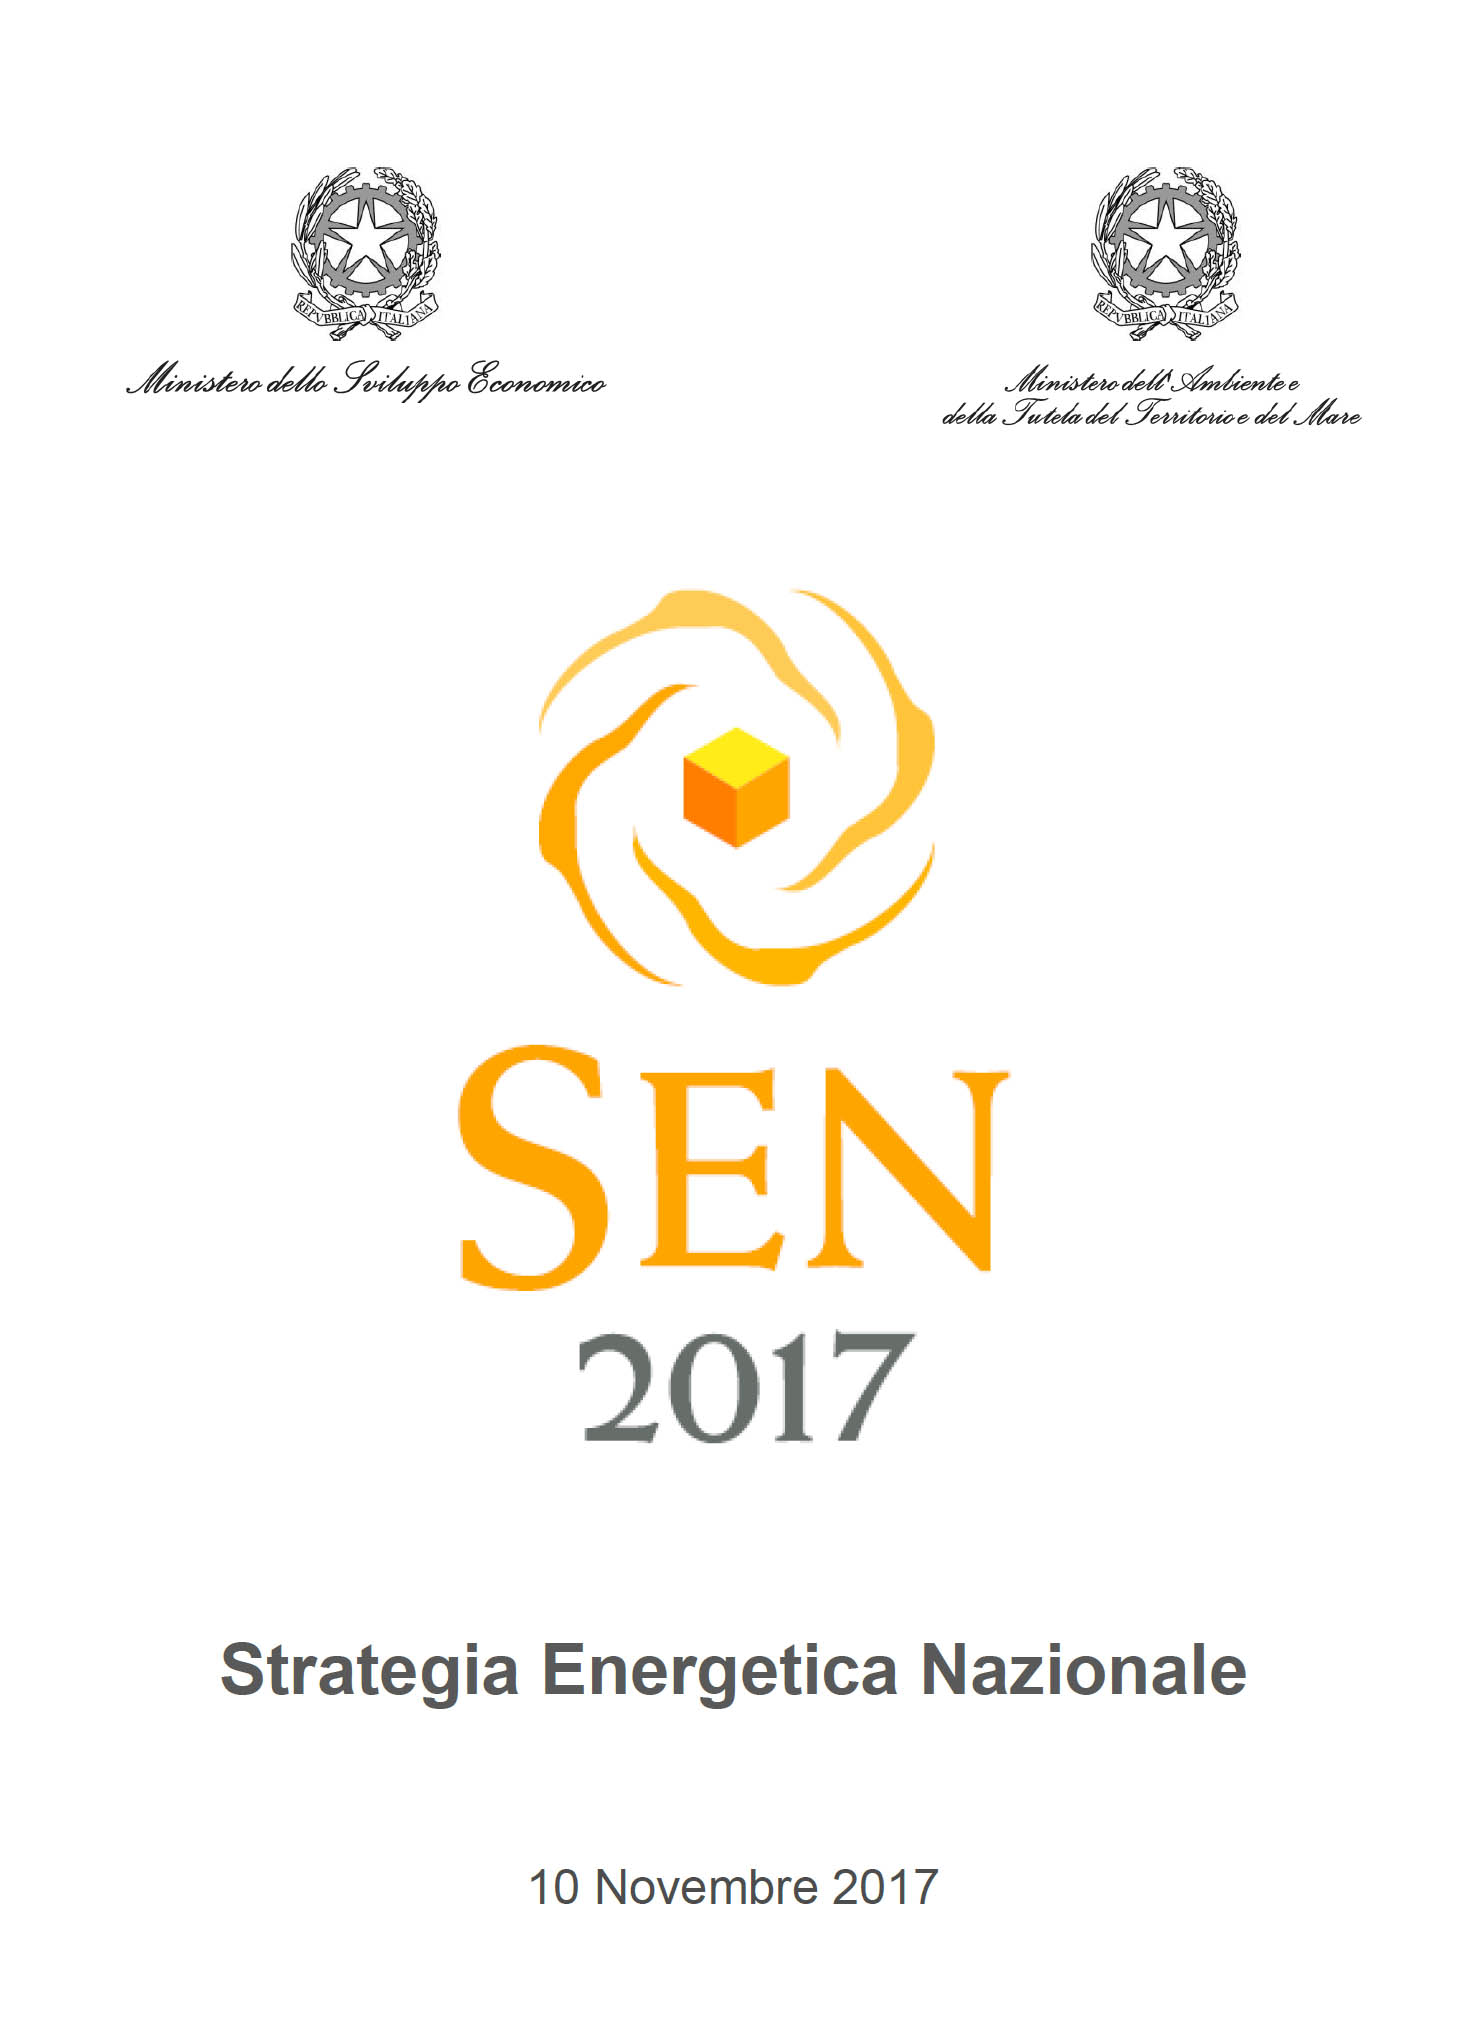 Con D.M. dei Ministri Calenda (Sviluppo Economico) e Galletti (Ambiente) è  stata adottata la Strategia Energetica Nazionale 2017 366b975d7c2